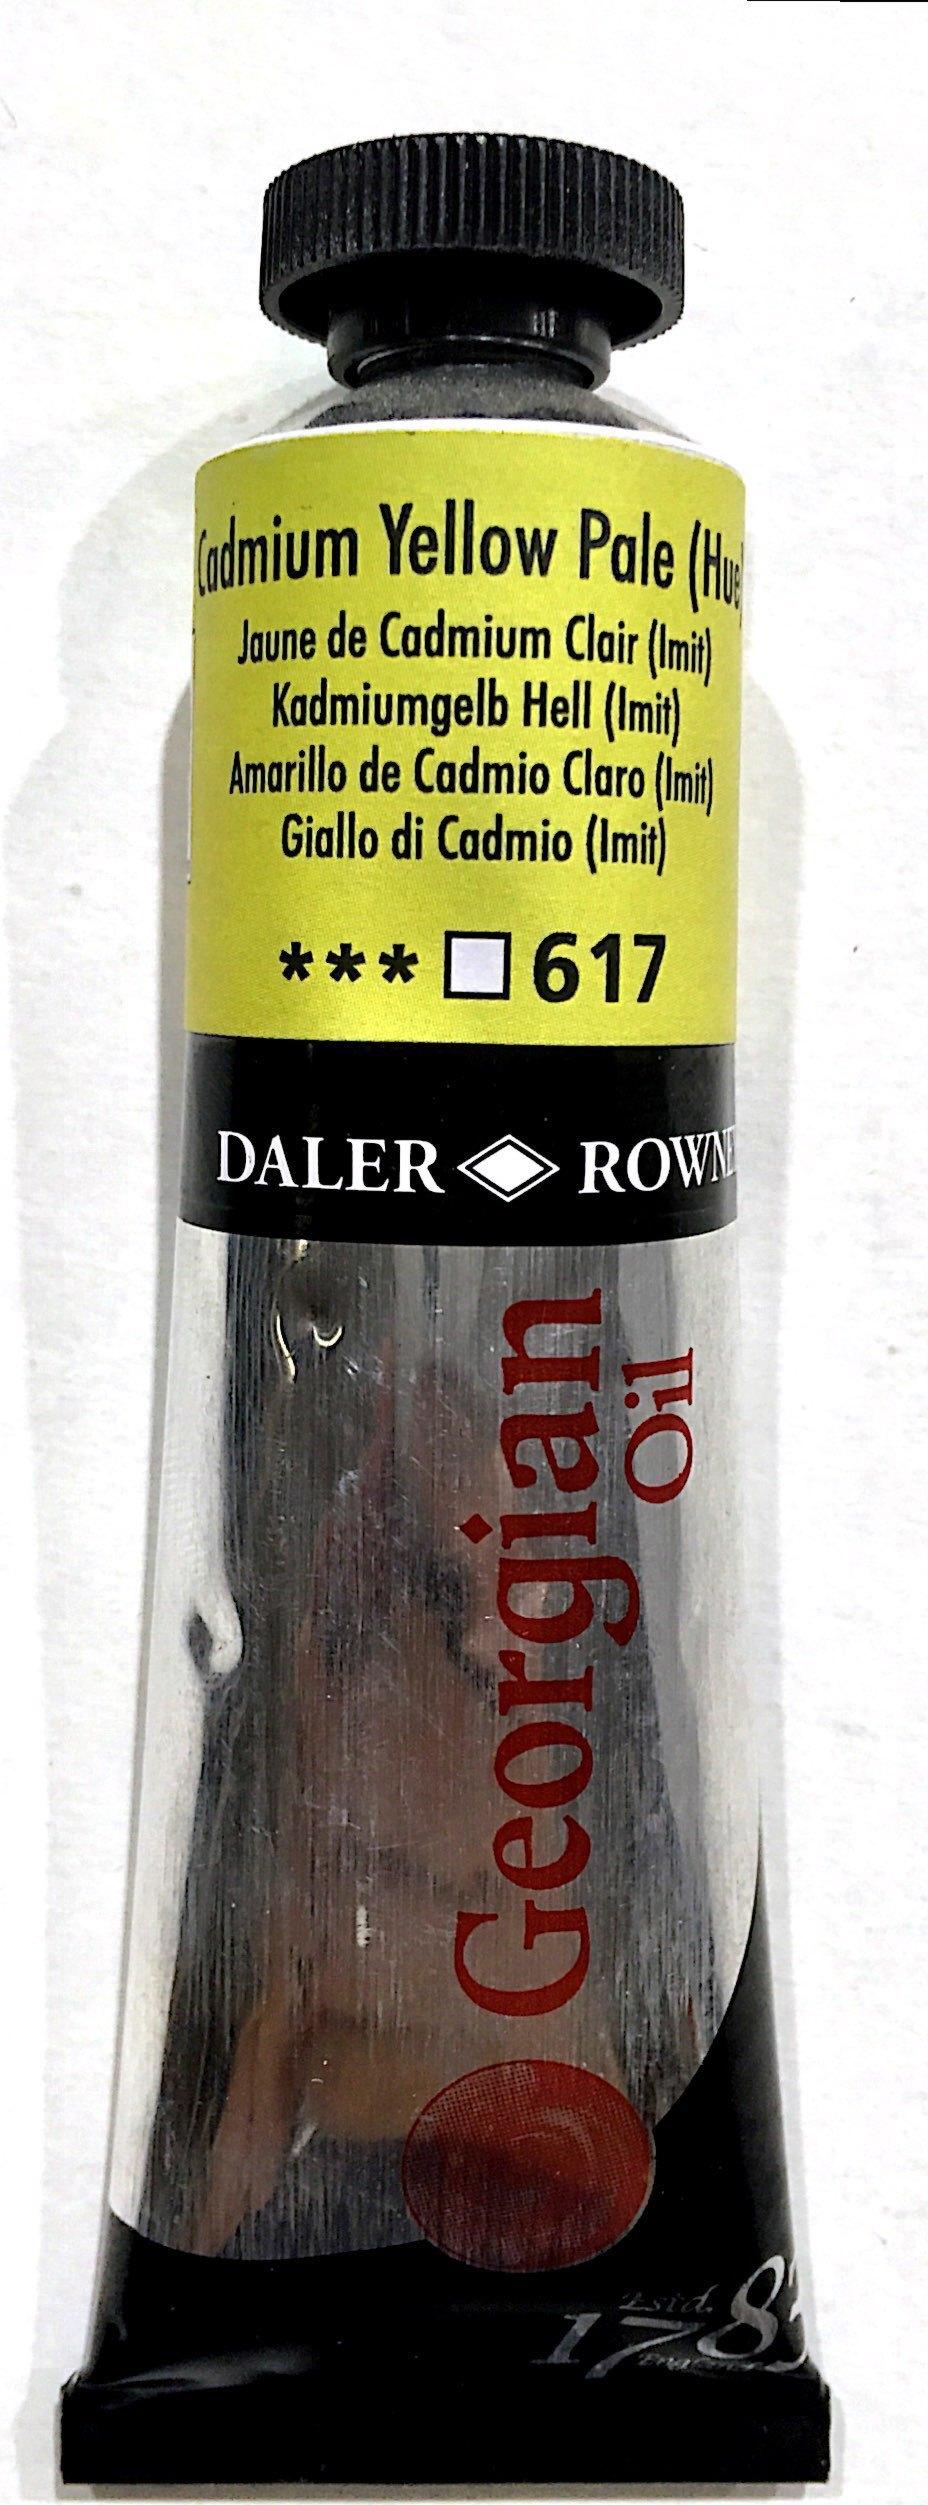 Daler Rowney Georgian  Yağlı Boya 38ml  Cadmium Yellow Pale 617